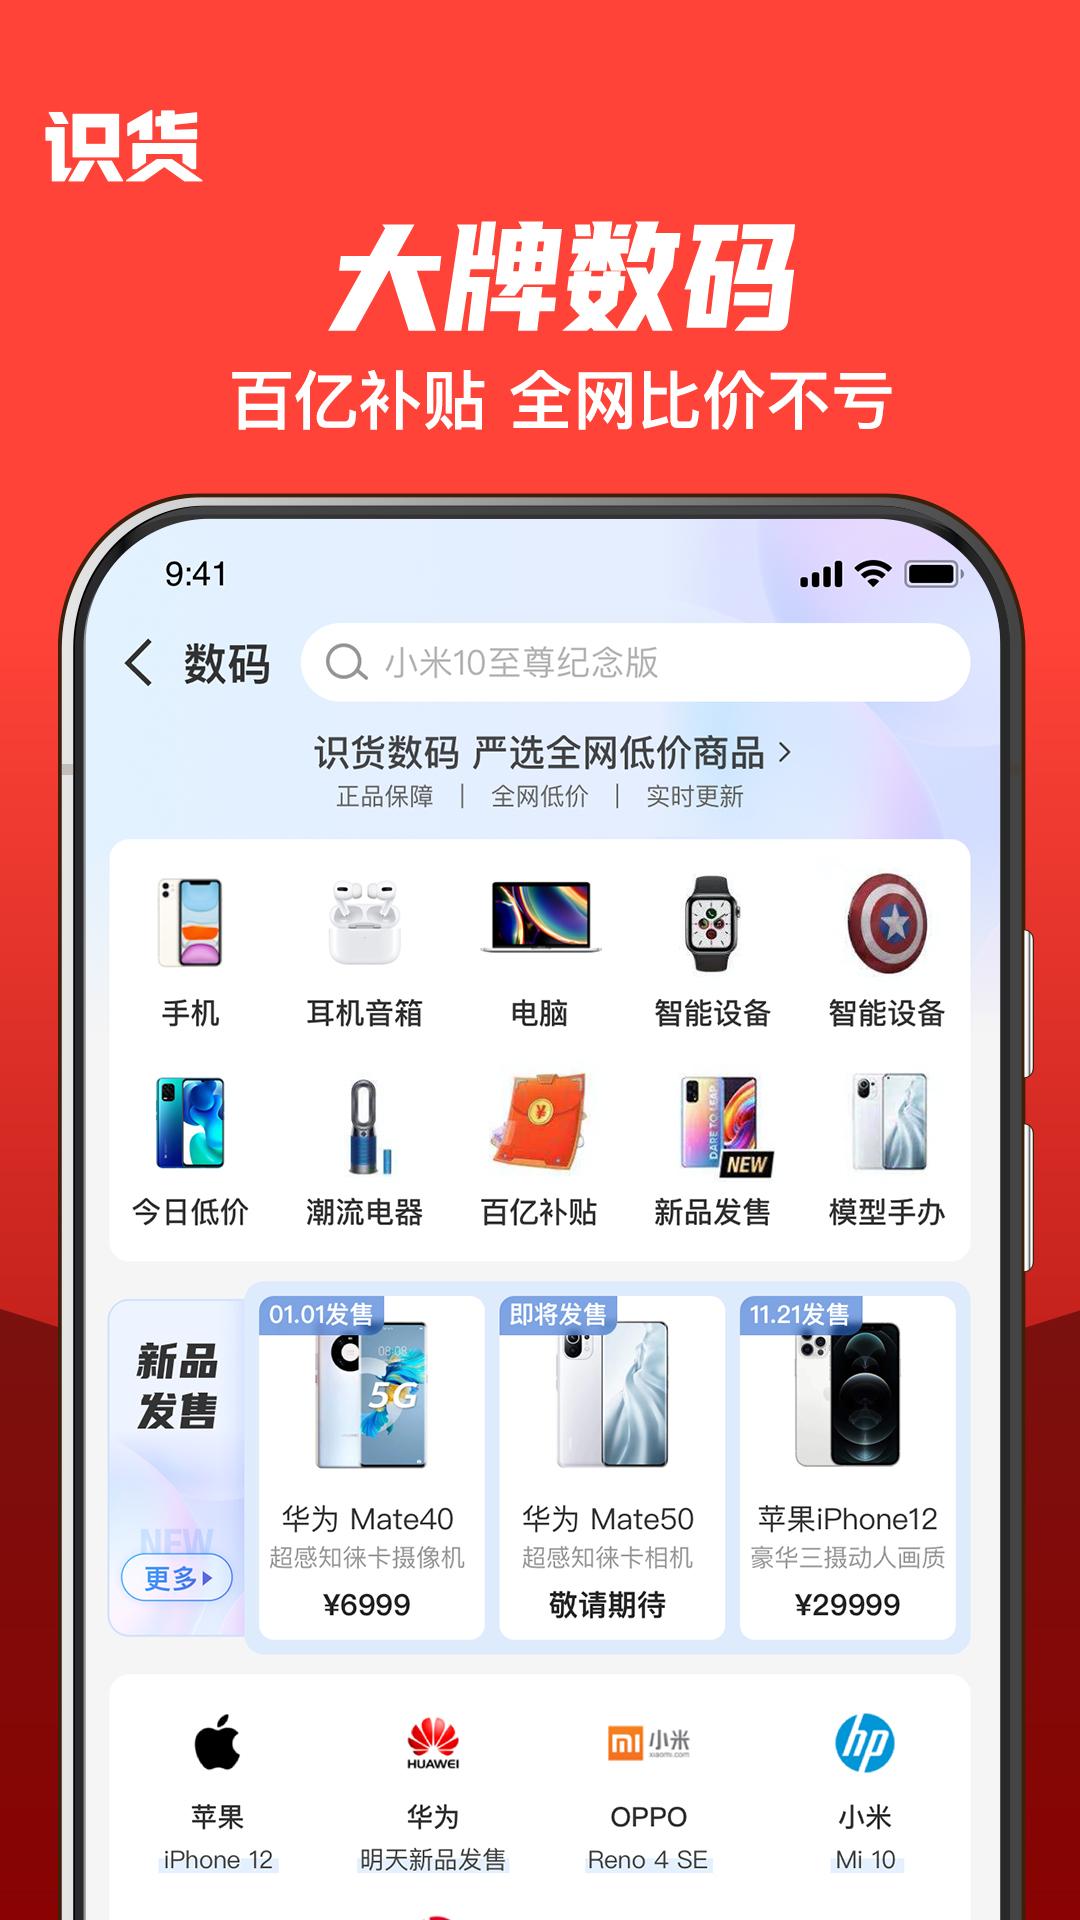 识货手机客户端v6.77.0 官方最新版